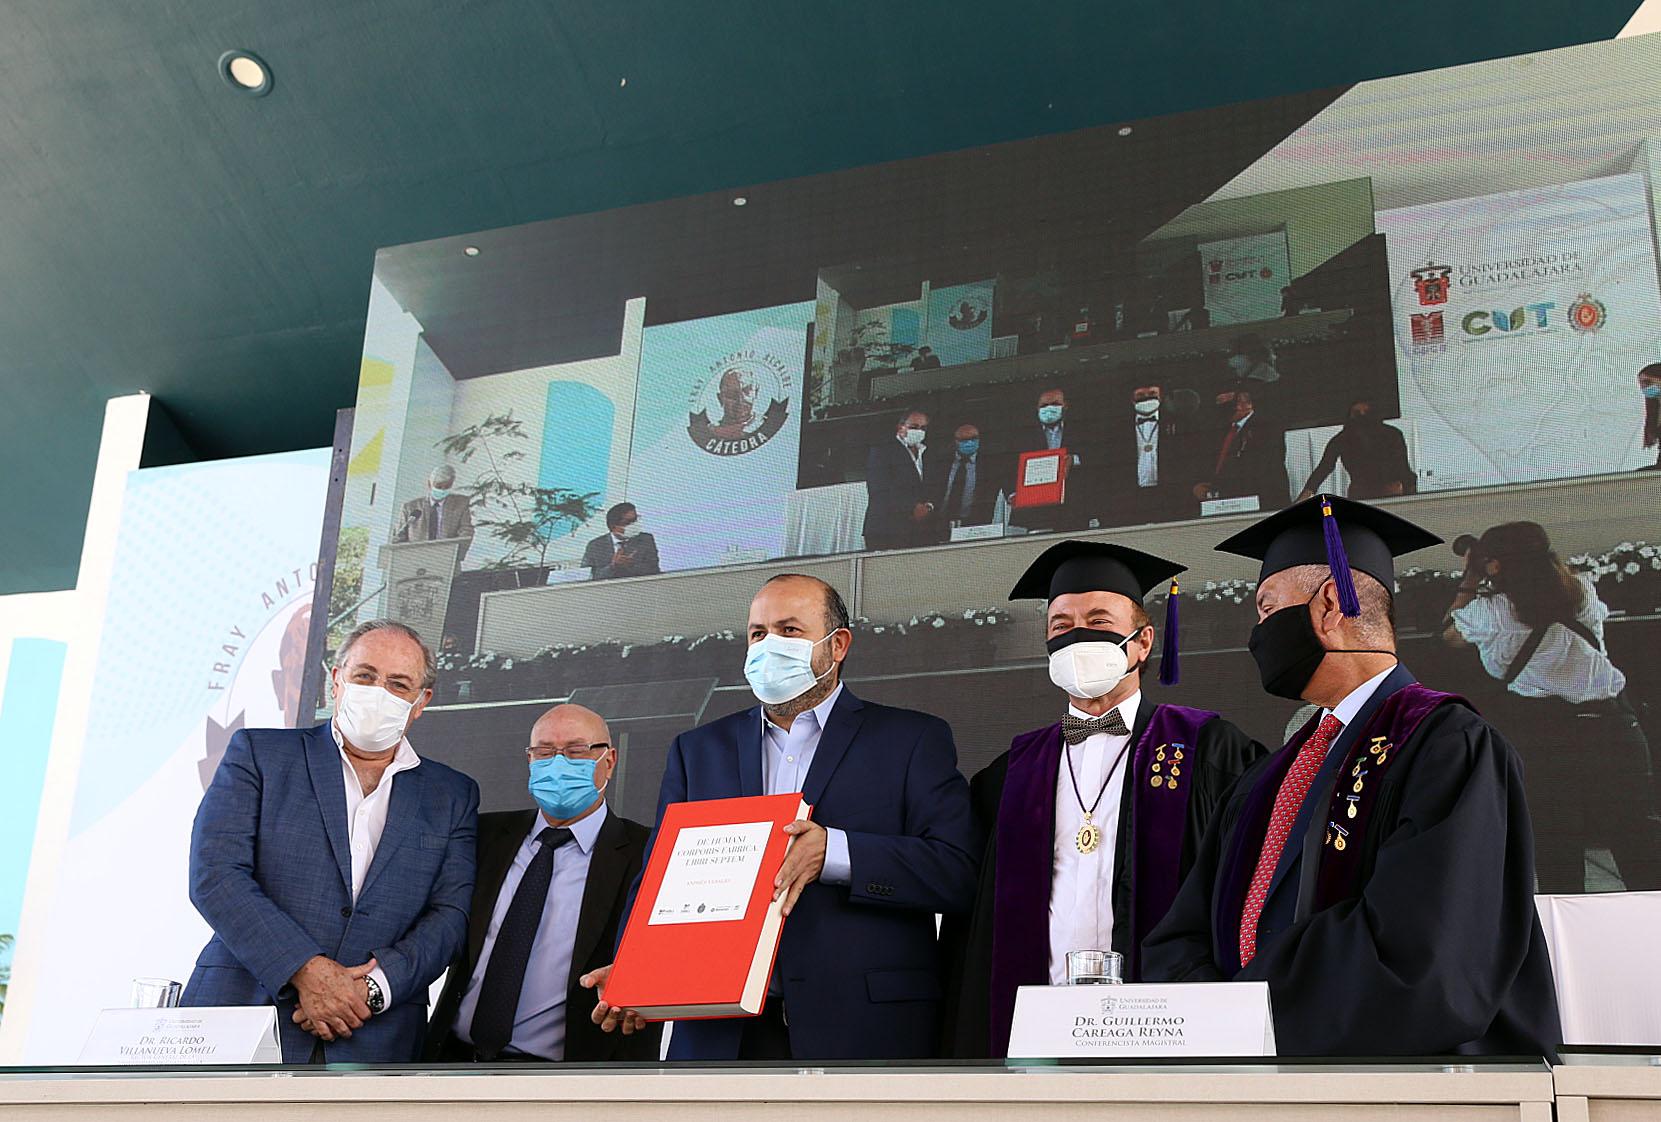 Guillermo Careaga Reyna comparte estado actual de la cirugía cardiotorácica, durante Cátedra Fray Antonio Alcalde, en CUTonalá